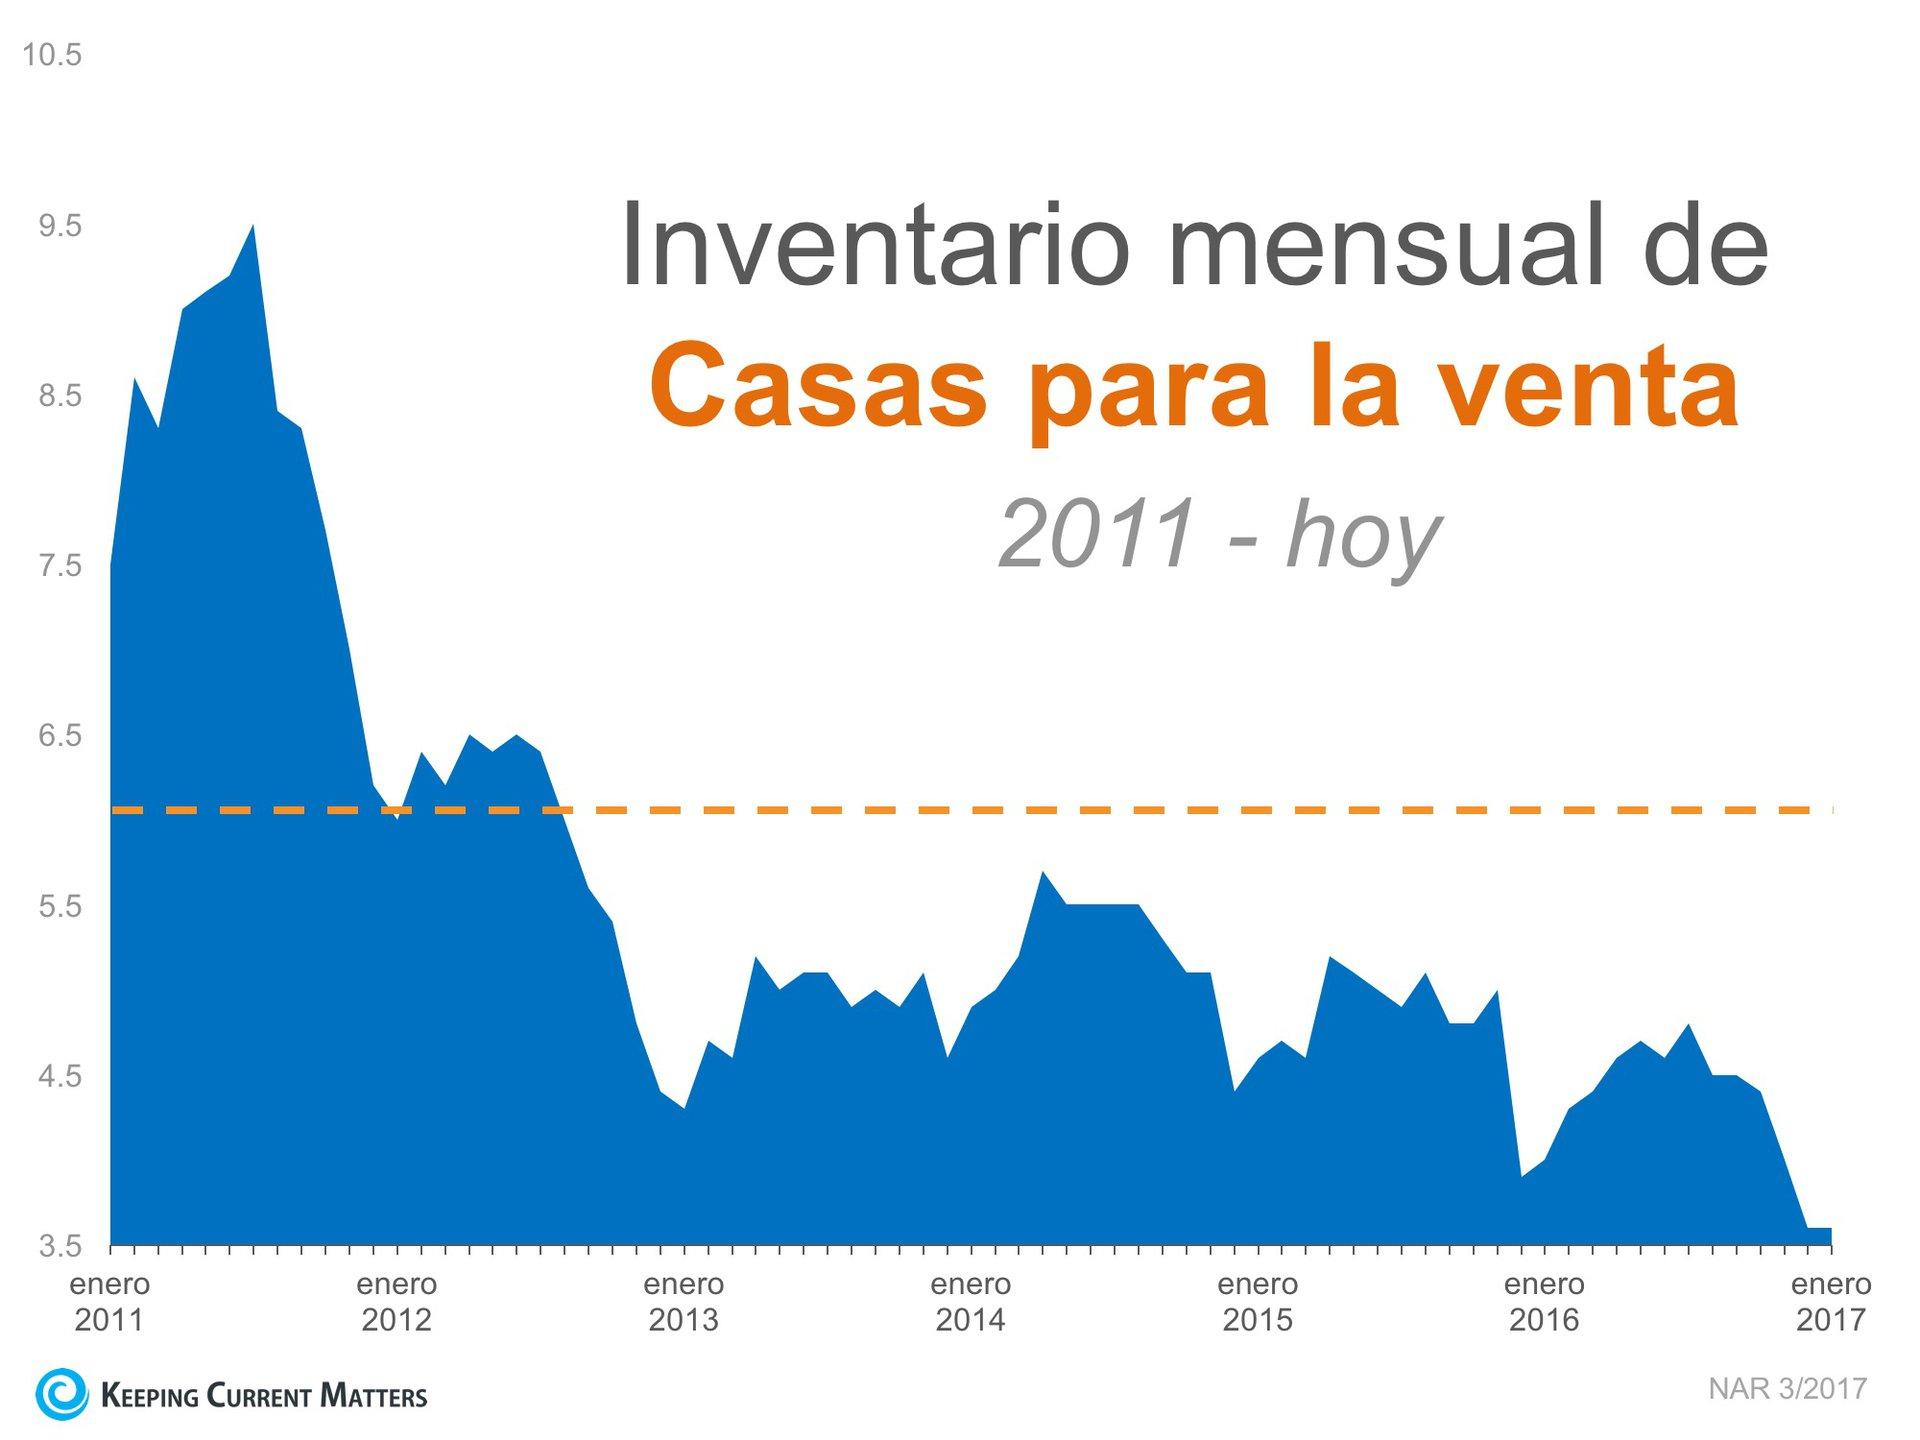 Un cuento de dos mercados: El desajuste del inventario pinta un cuadro más detallado | Keeping Current Matters